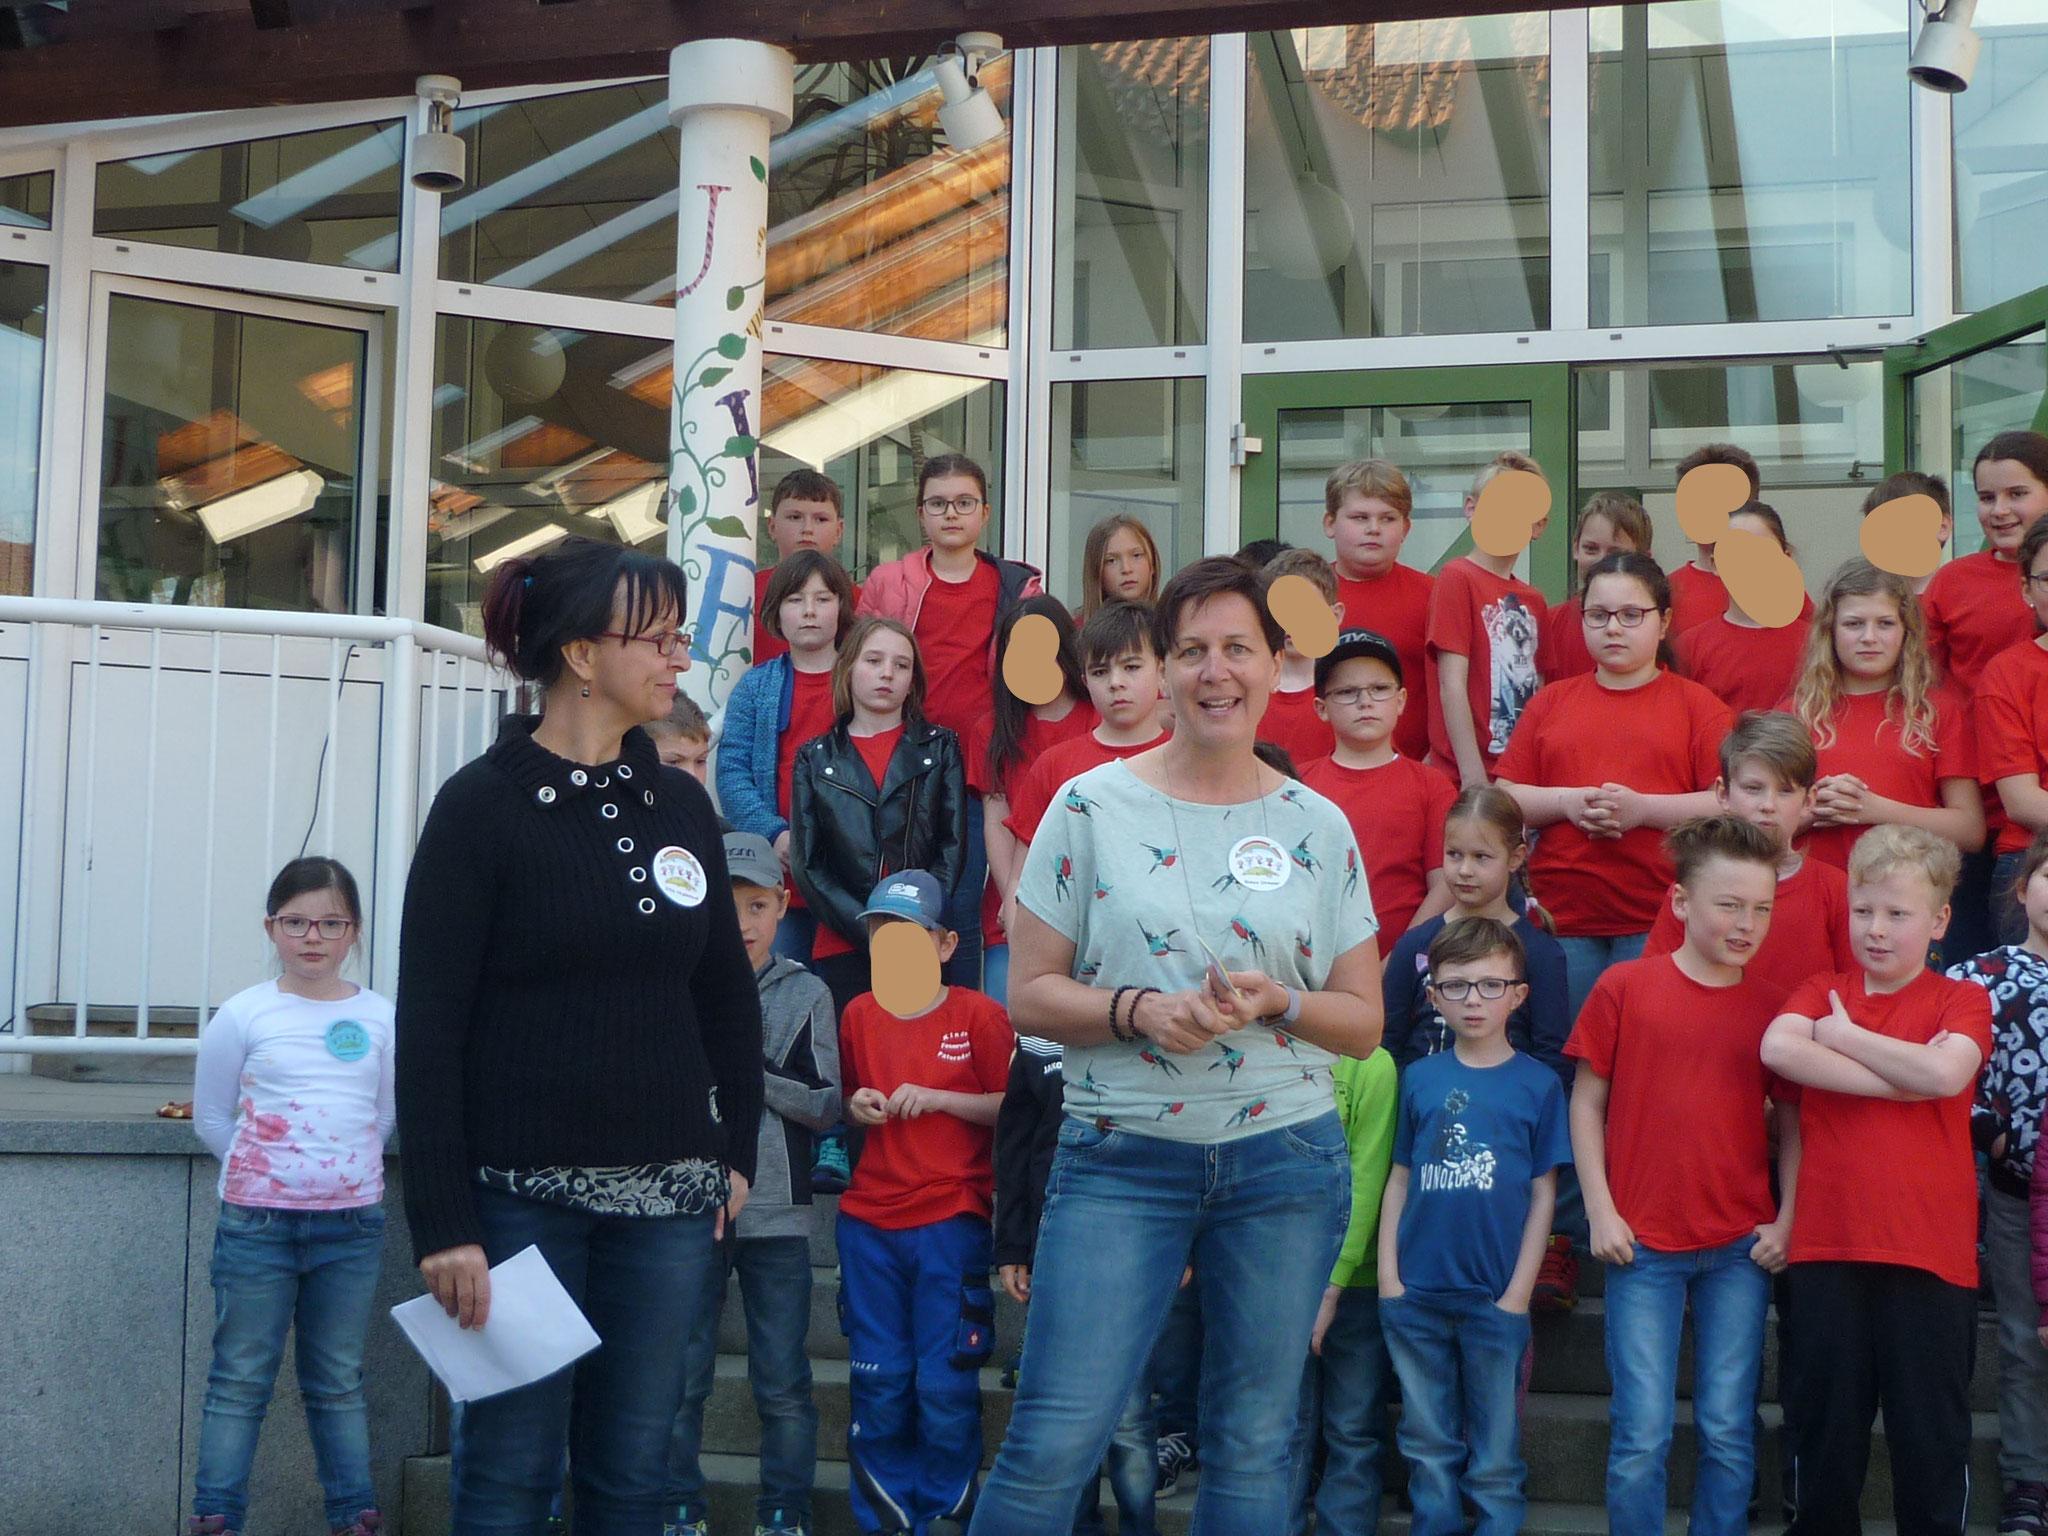 Zweisprachige Begrüßung der Gäste durch Frau Dirmaier